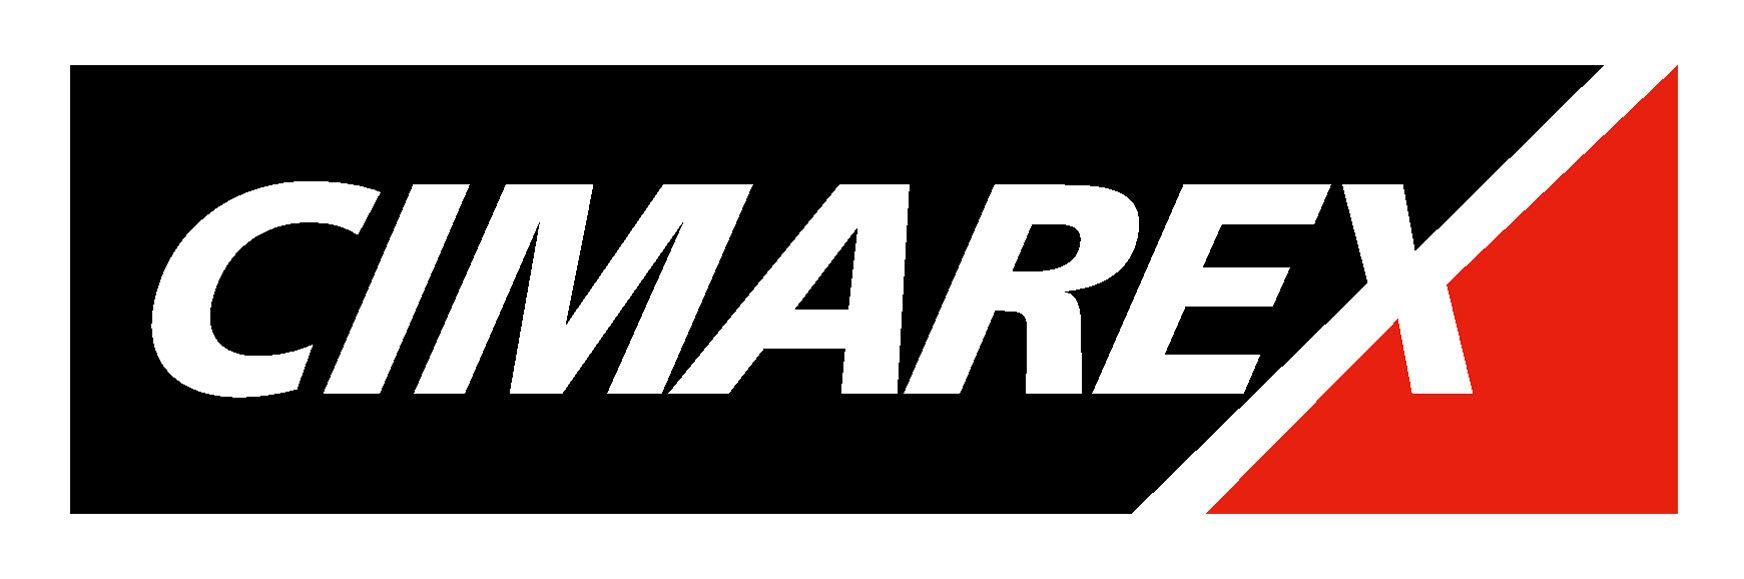 Cimarex Energy Co